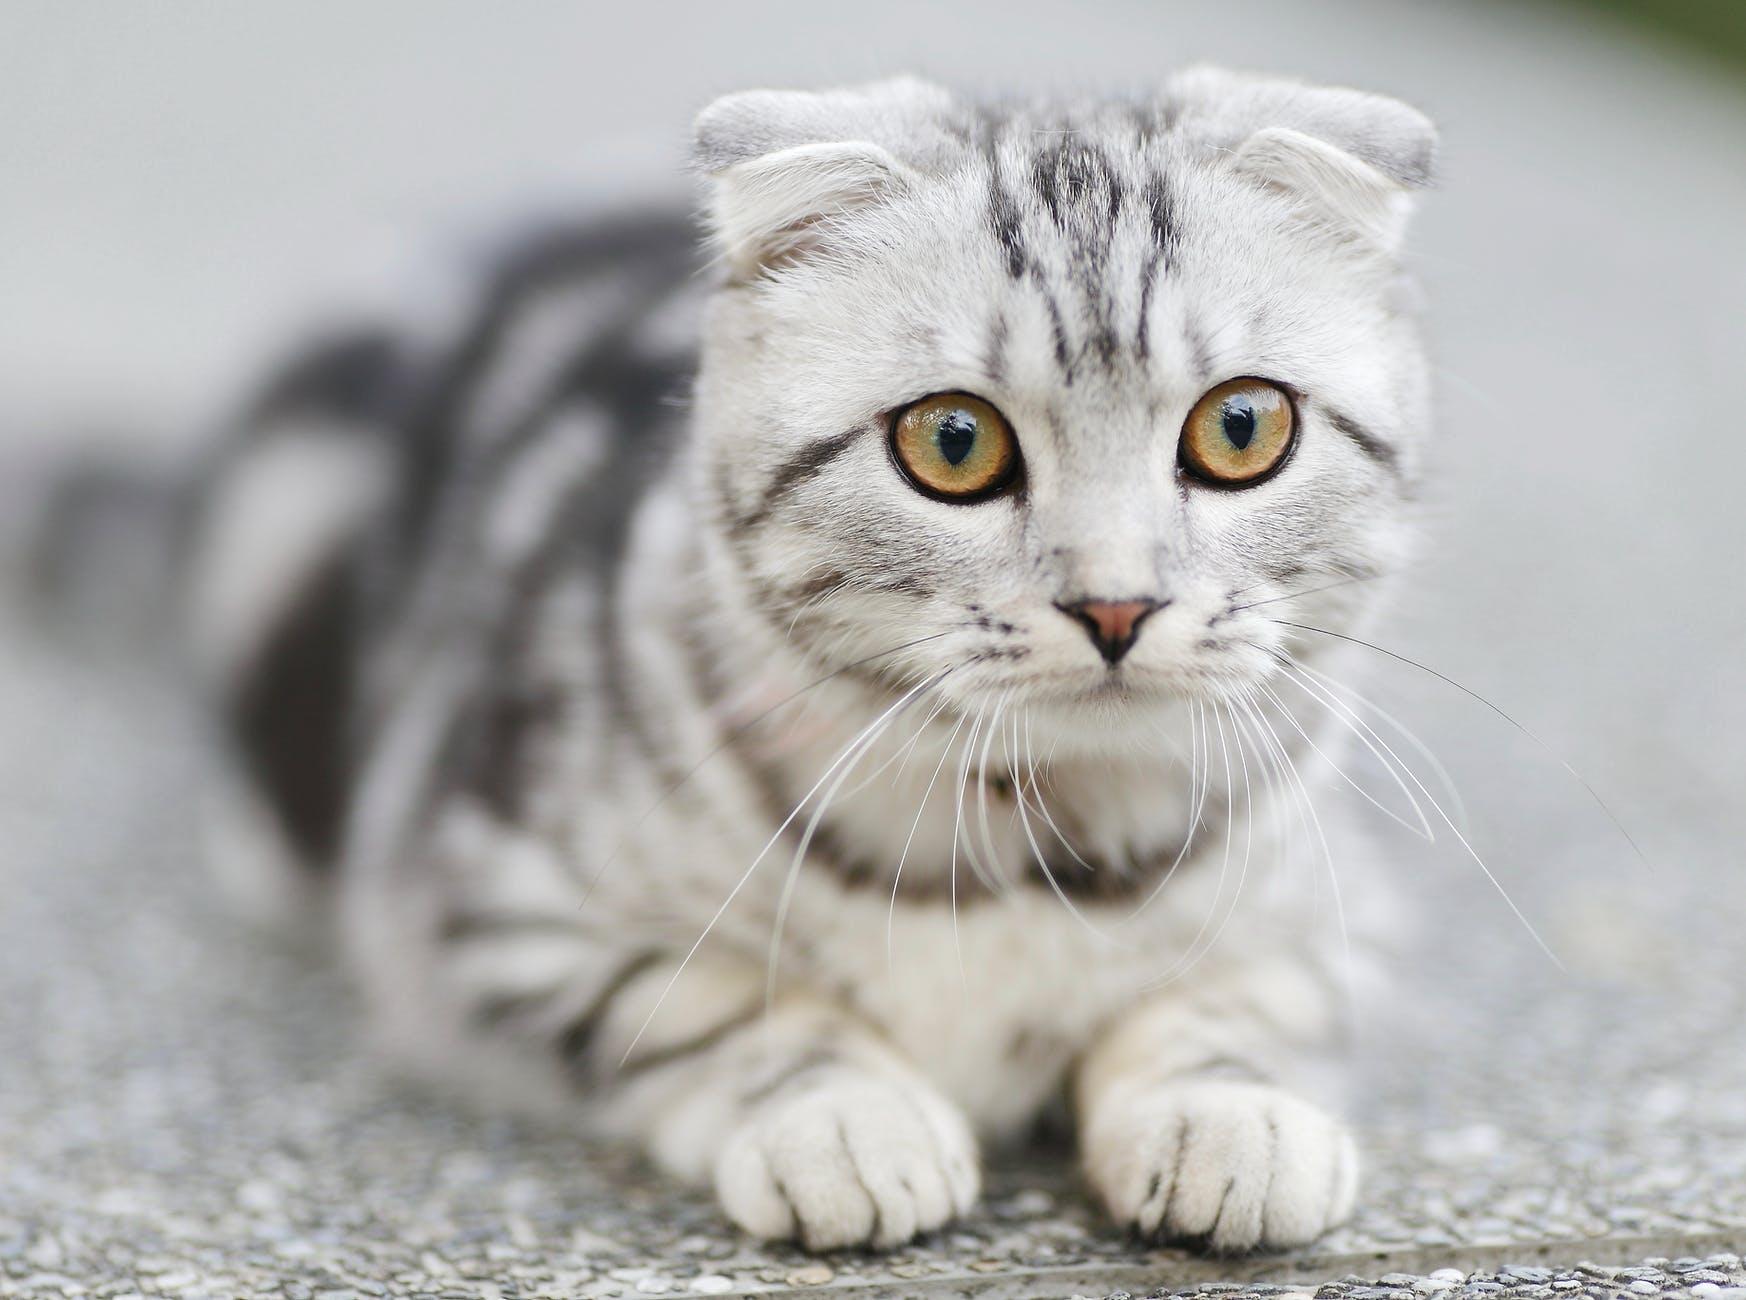 I gatti da tenere in casa, qual è il gatto più affettuoso di cui prendersi cura?